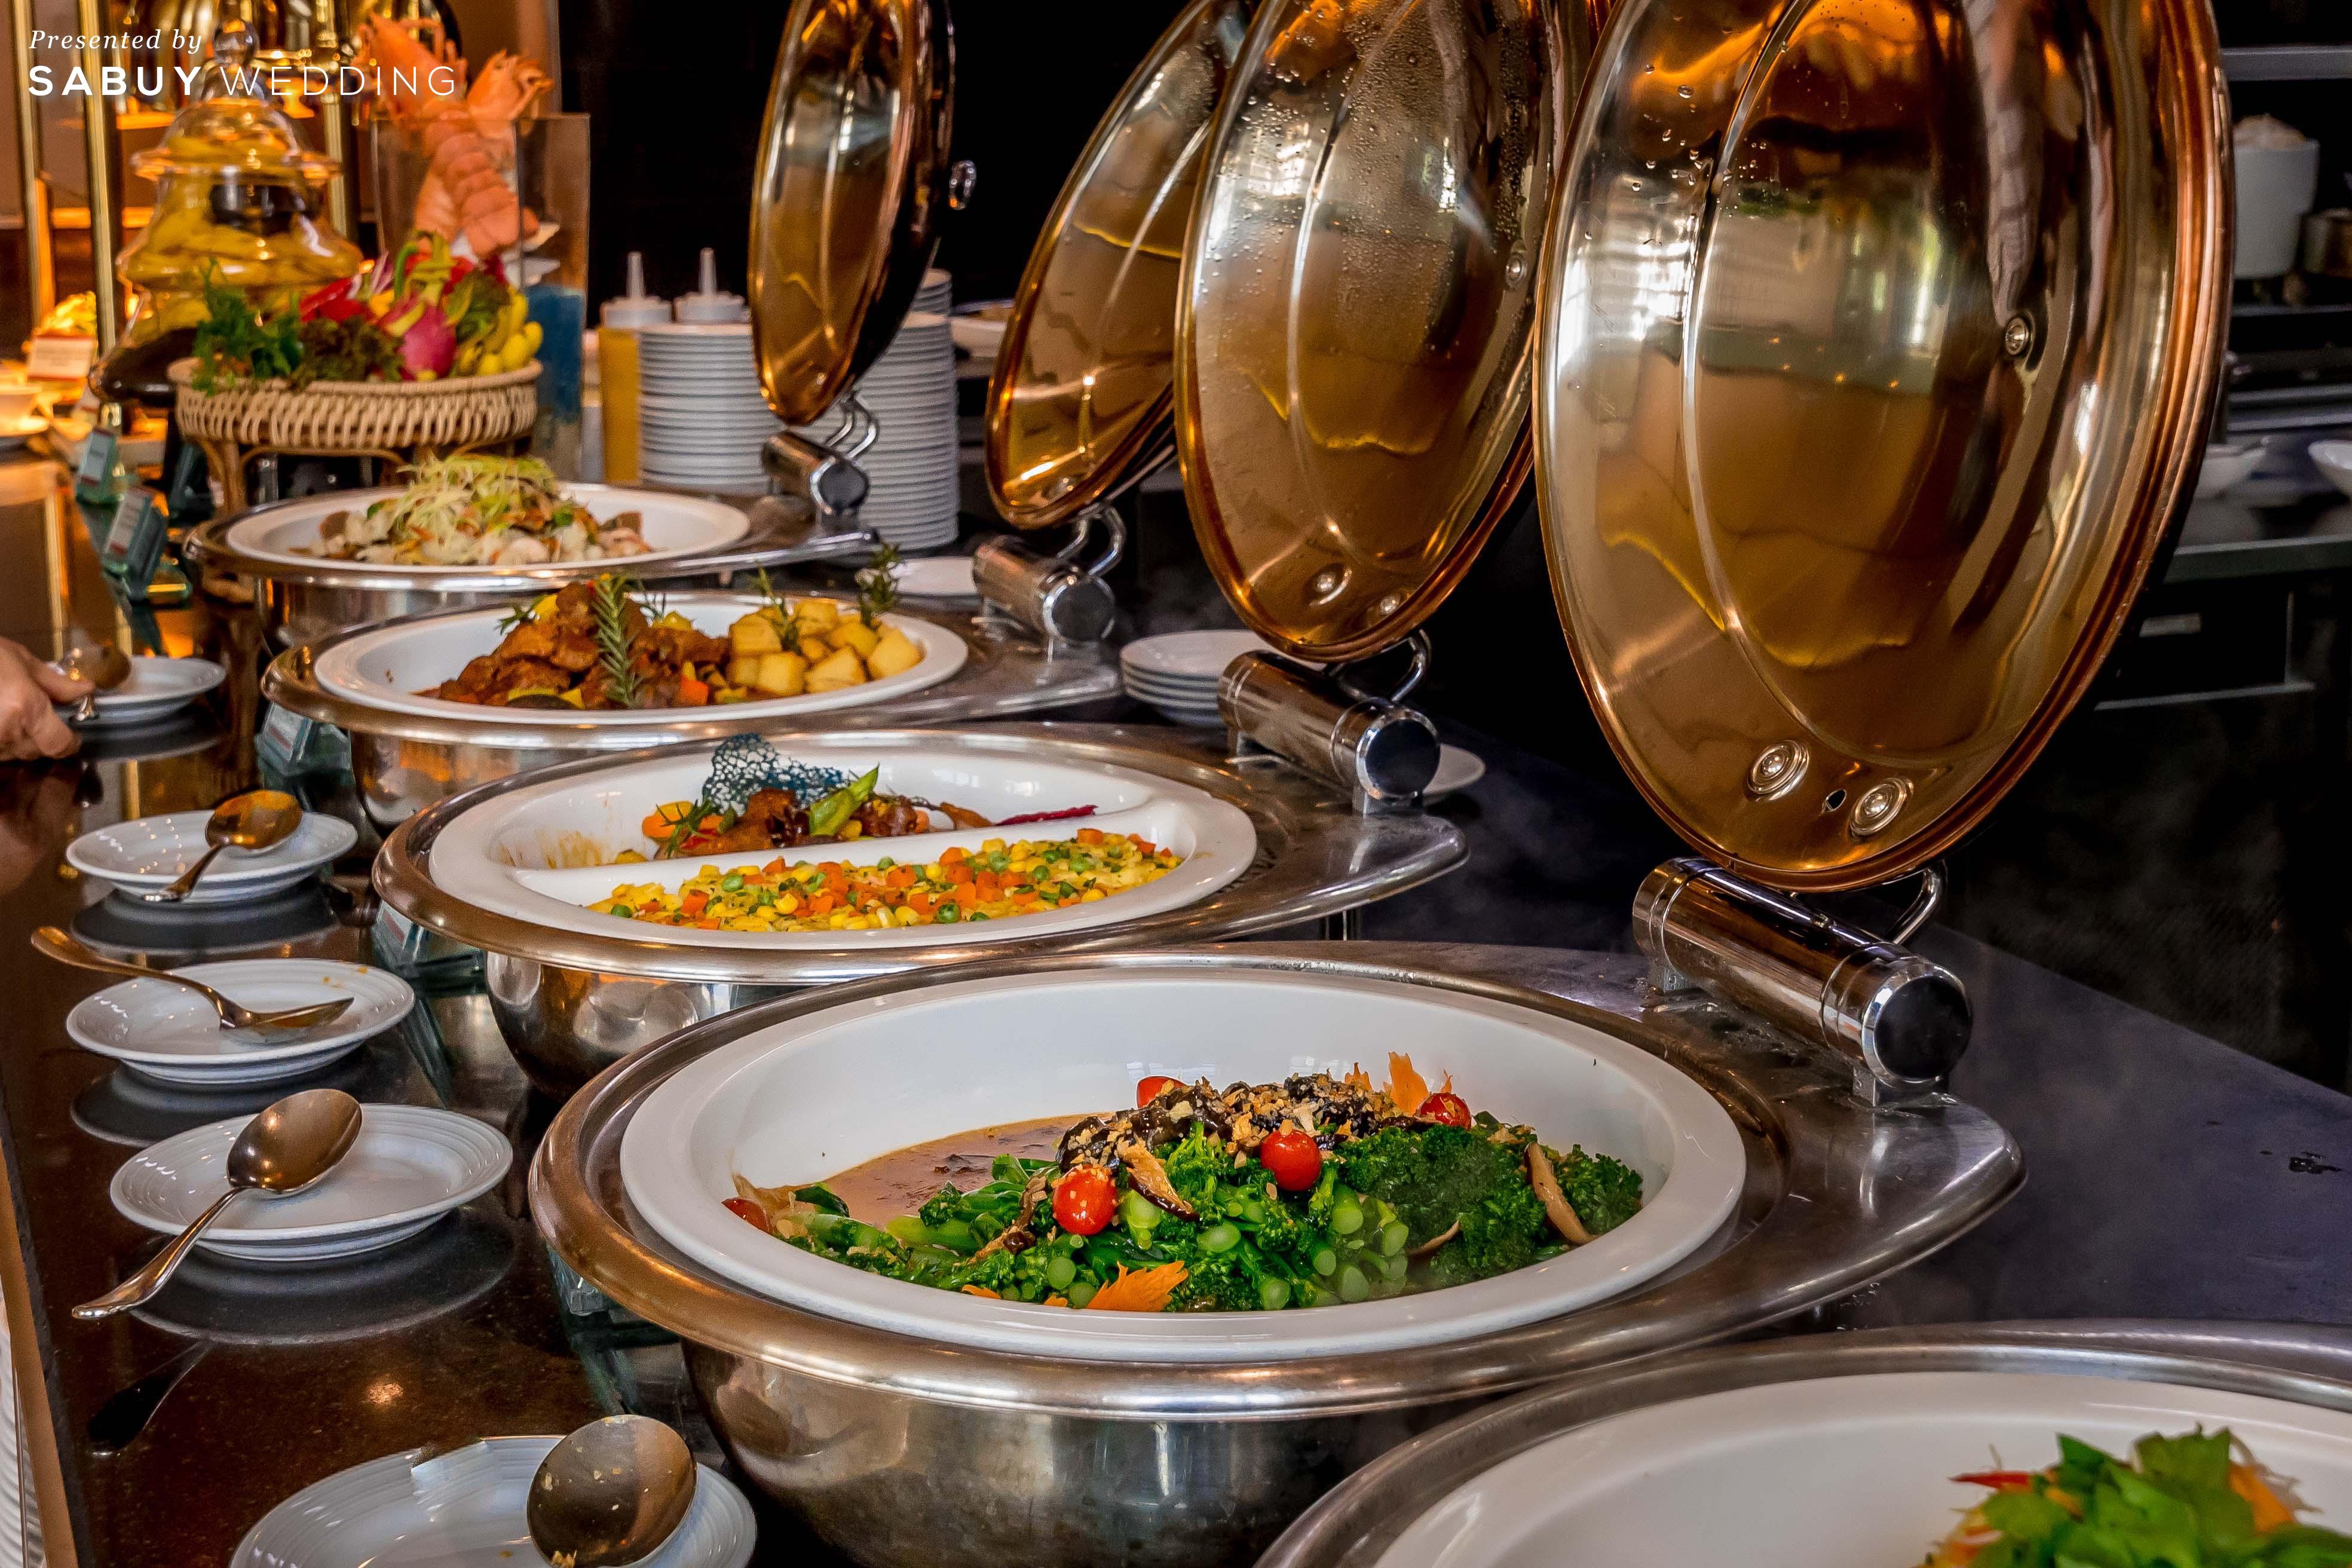 อร่อยถูกใจทั้งครอบครัวต้องบุฟเฟ่ต์นานาชาติ ที่ เดอะ กลาส เฮ้าส์